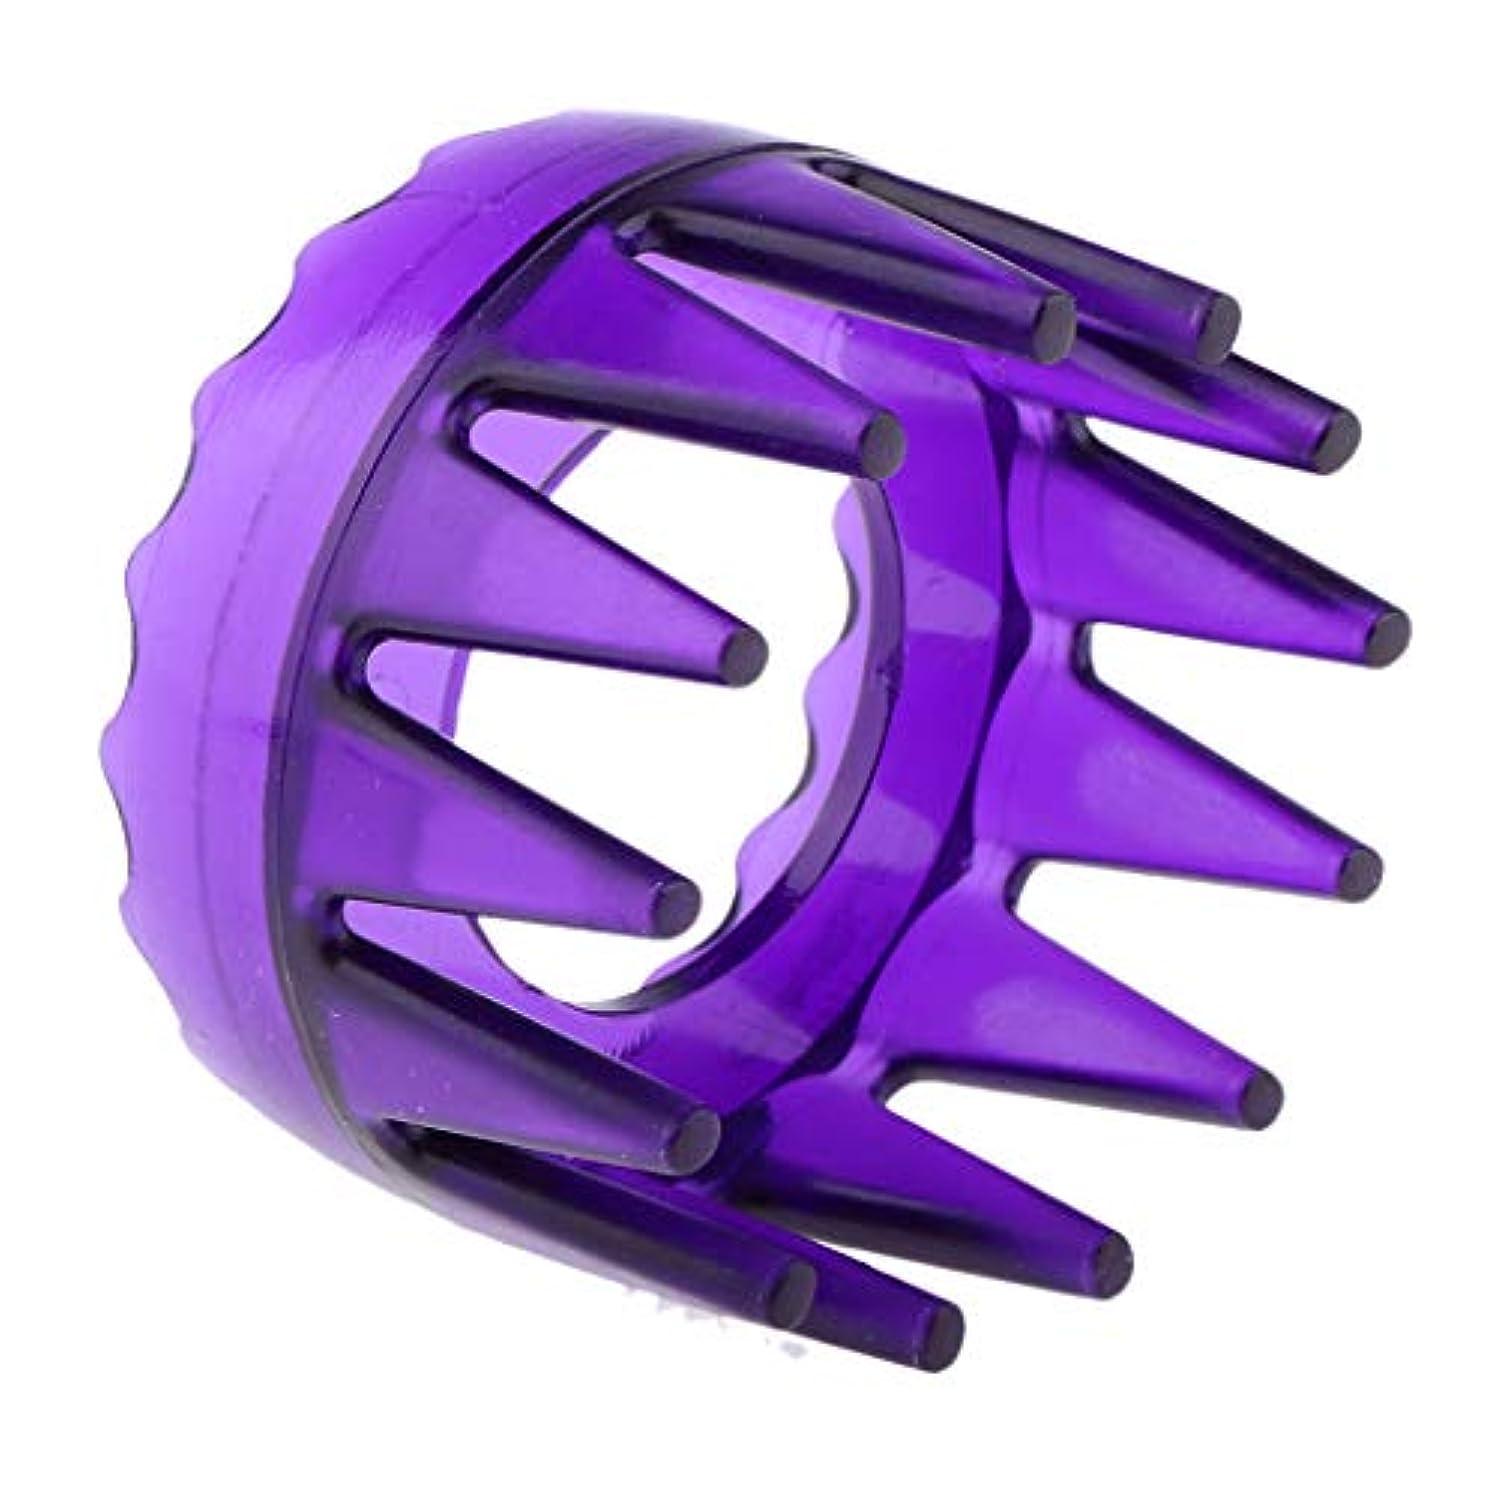 楽なハント購入頭皮マッサージ シャワー シャンプー ヘアブラシ マッサージャー櫛 ユニセックス 4色選べ - 紫